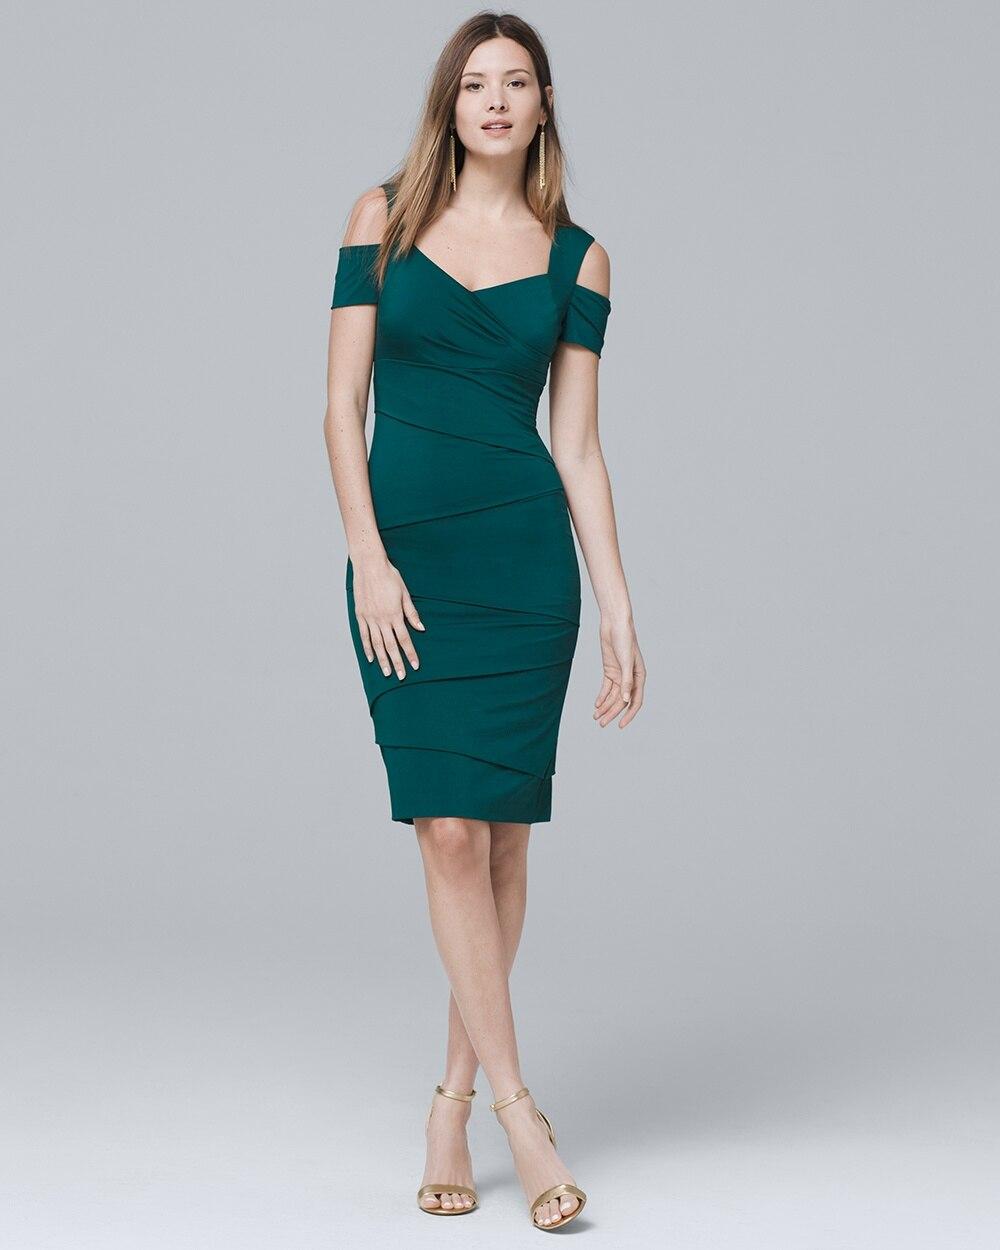 52e79f20f3798 Cold-Shoulder Instantly Slimming Dress - White House Black Market